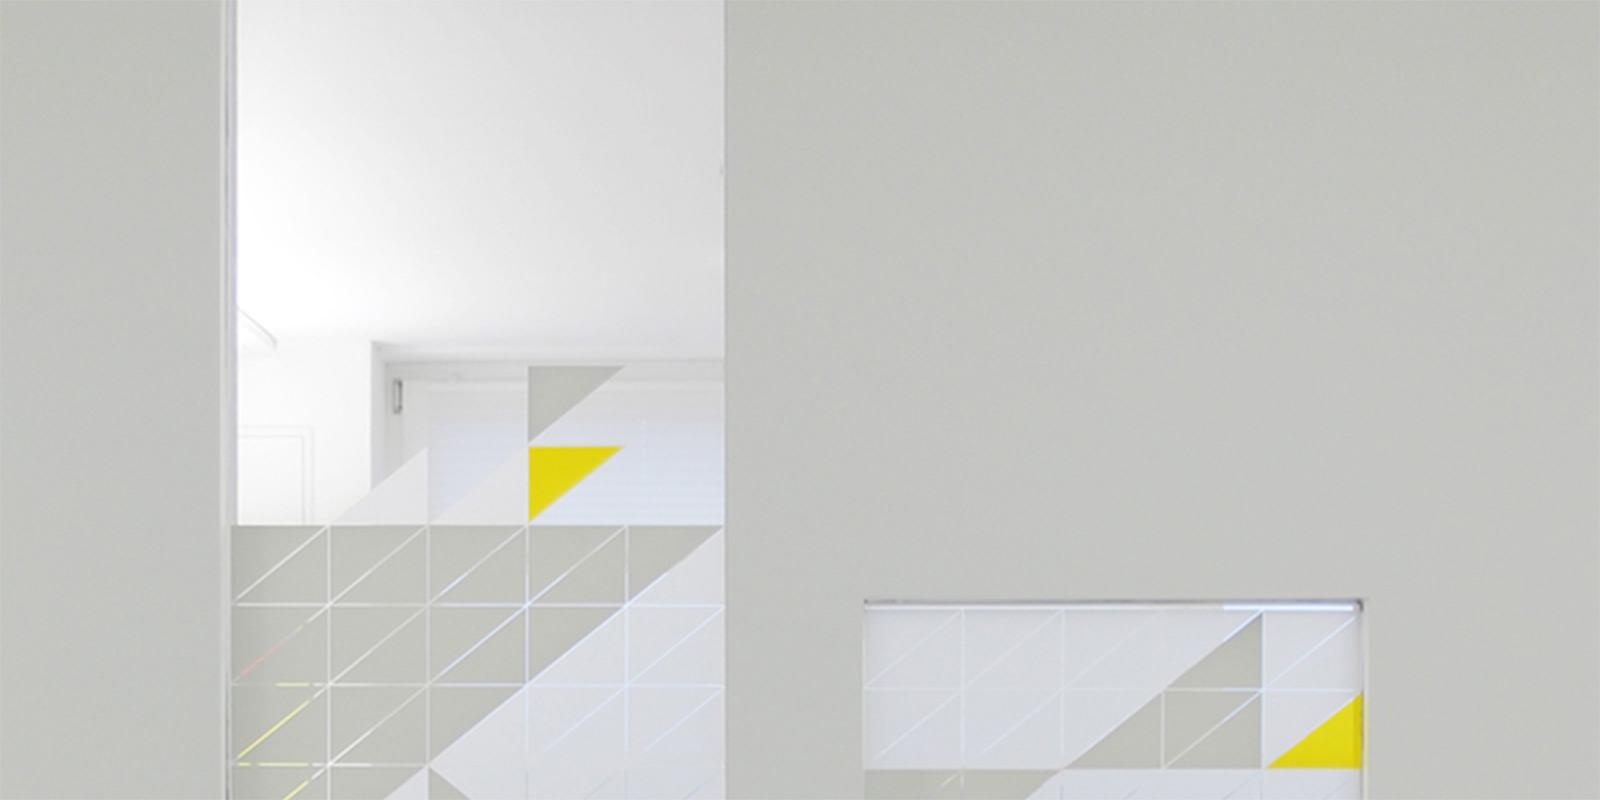 altengmbh-objekteinrichtung_3